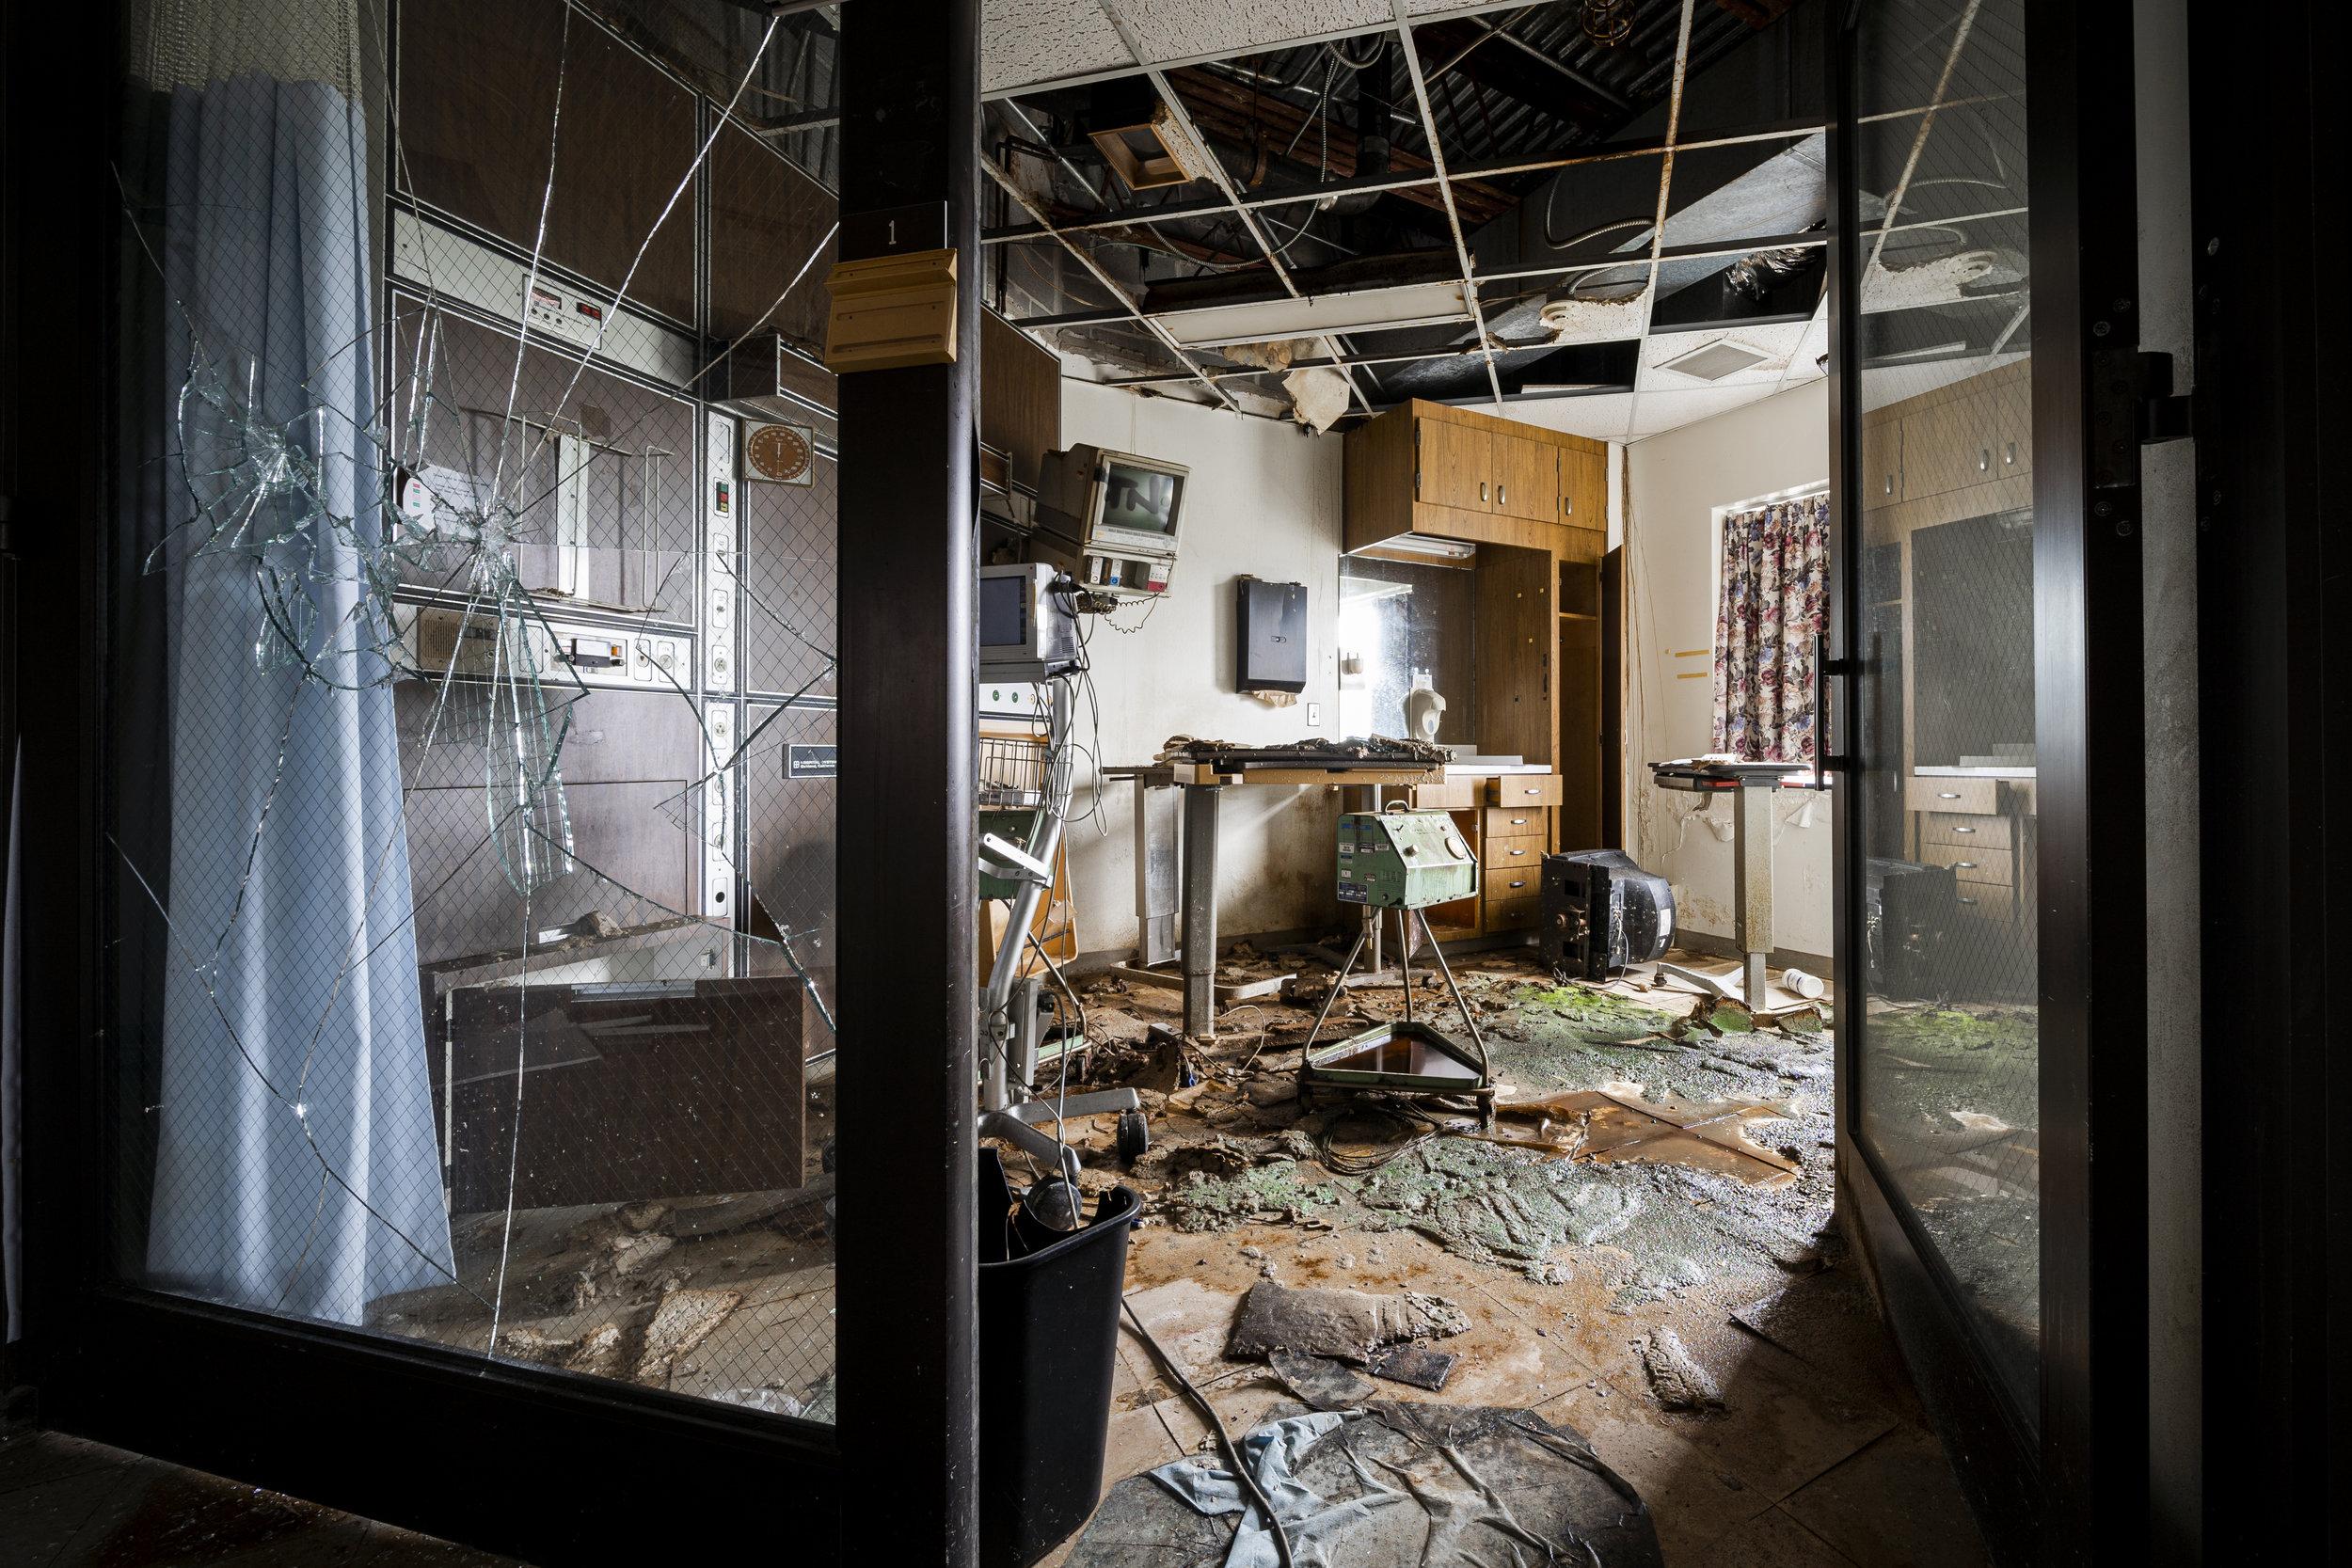 Trashed Room